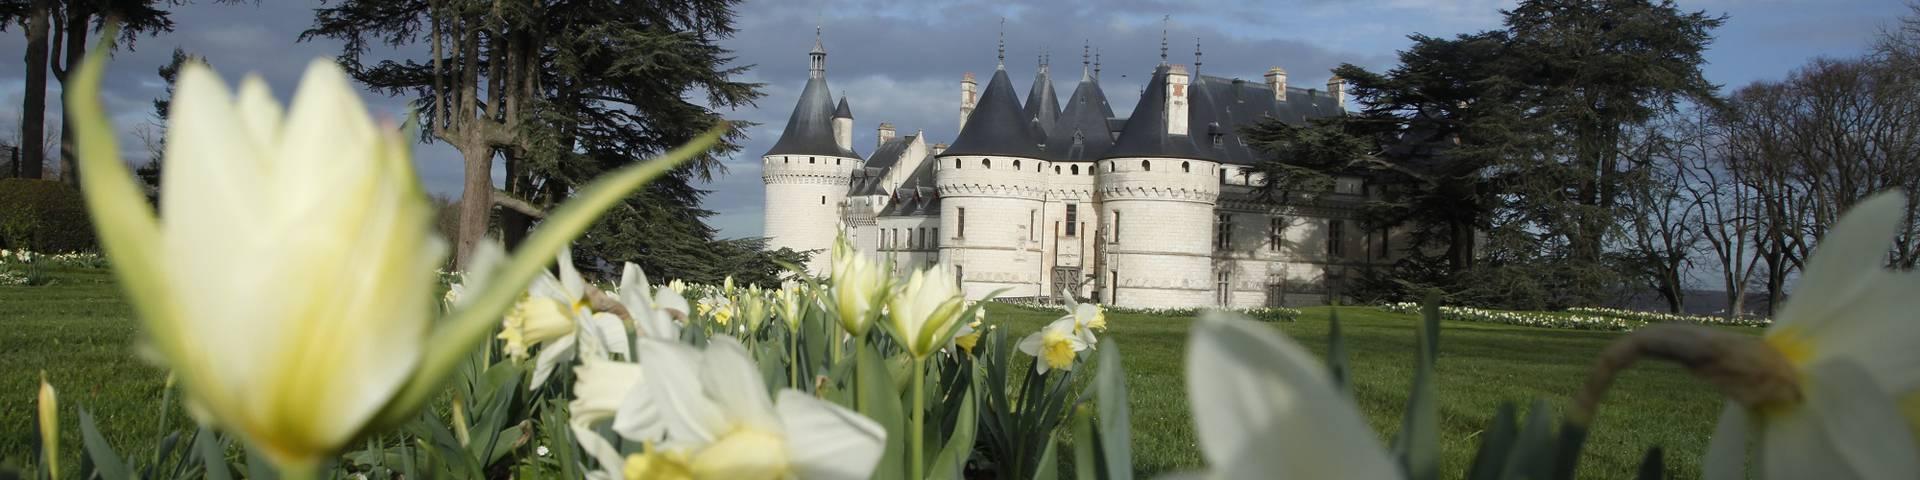 Le Festival International des Jardins à Chaumont-sur-Loire. © E. Sander